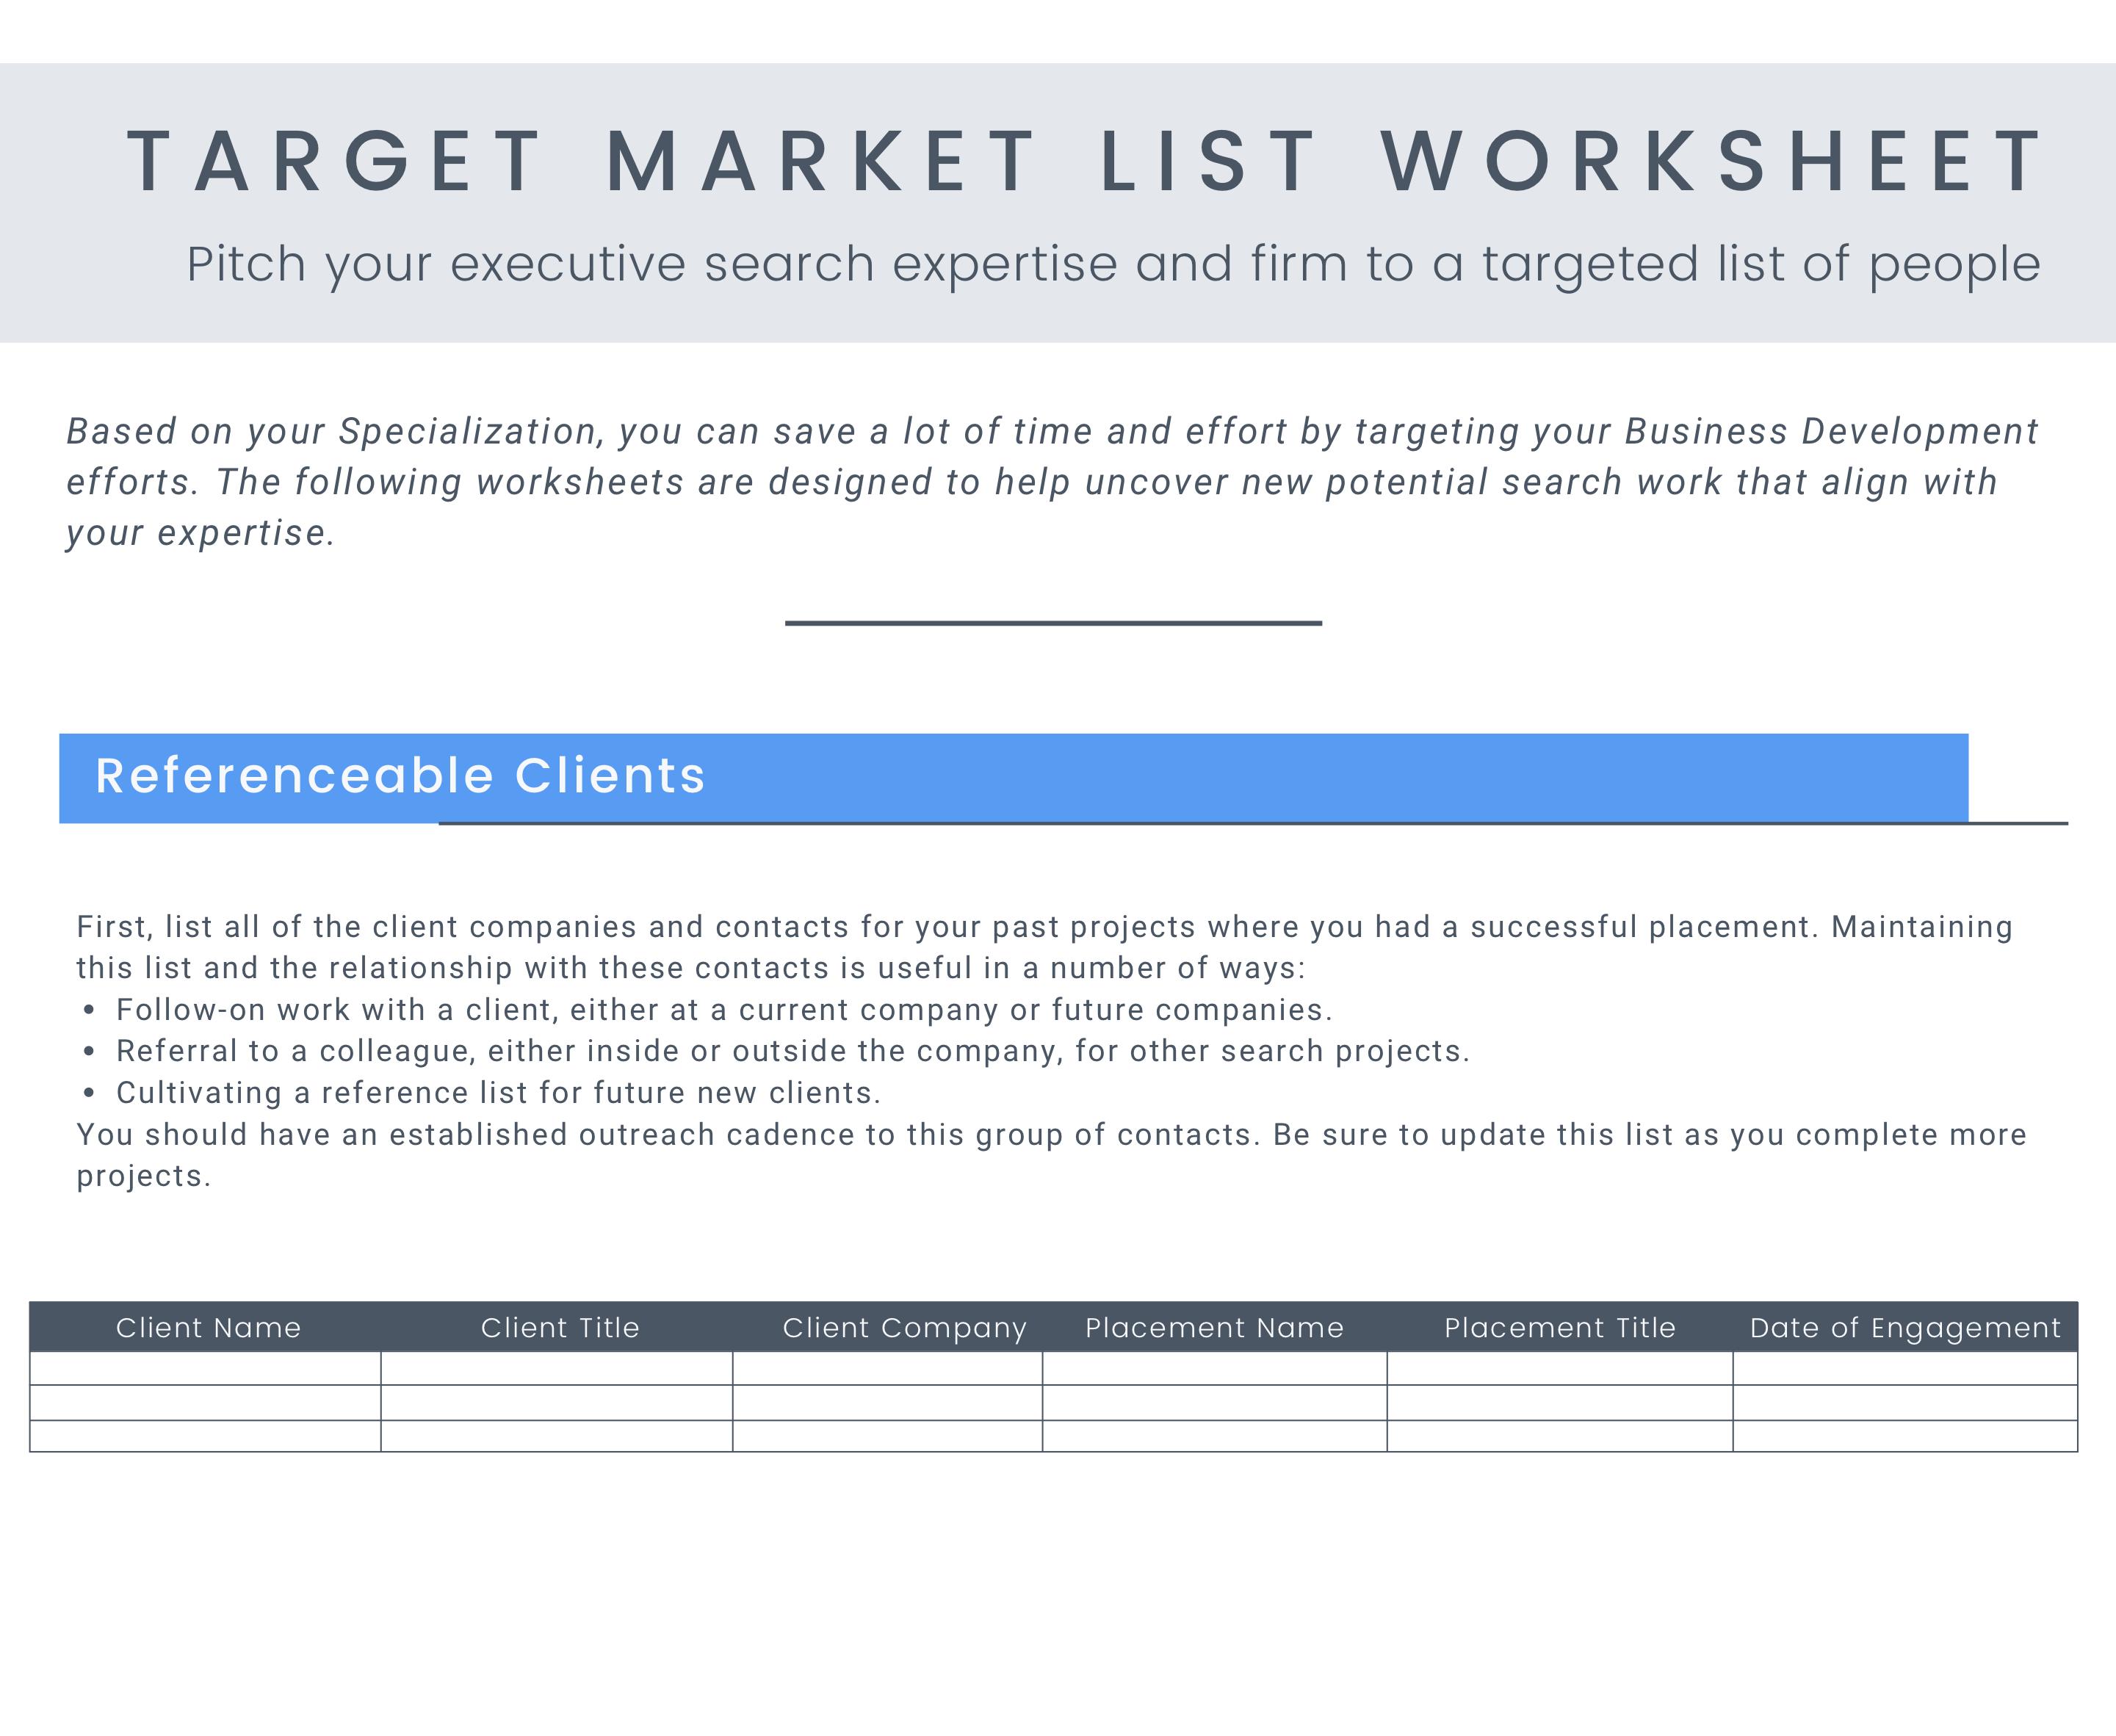 1_Target_Market_List_Worksheet